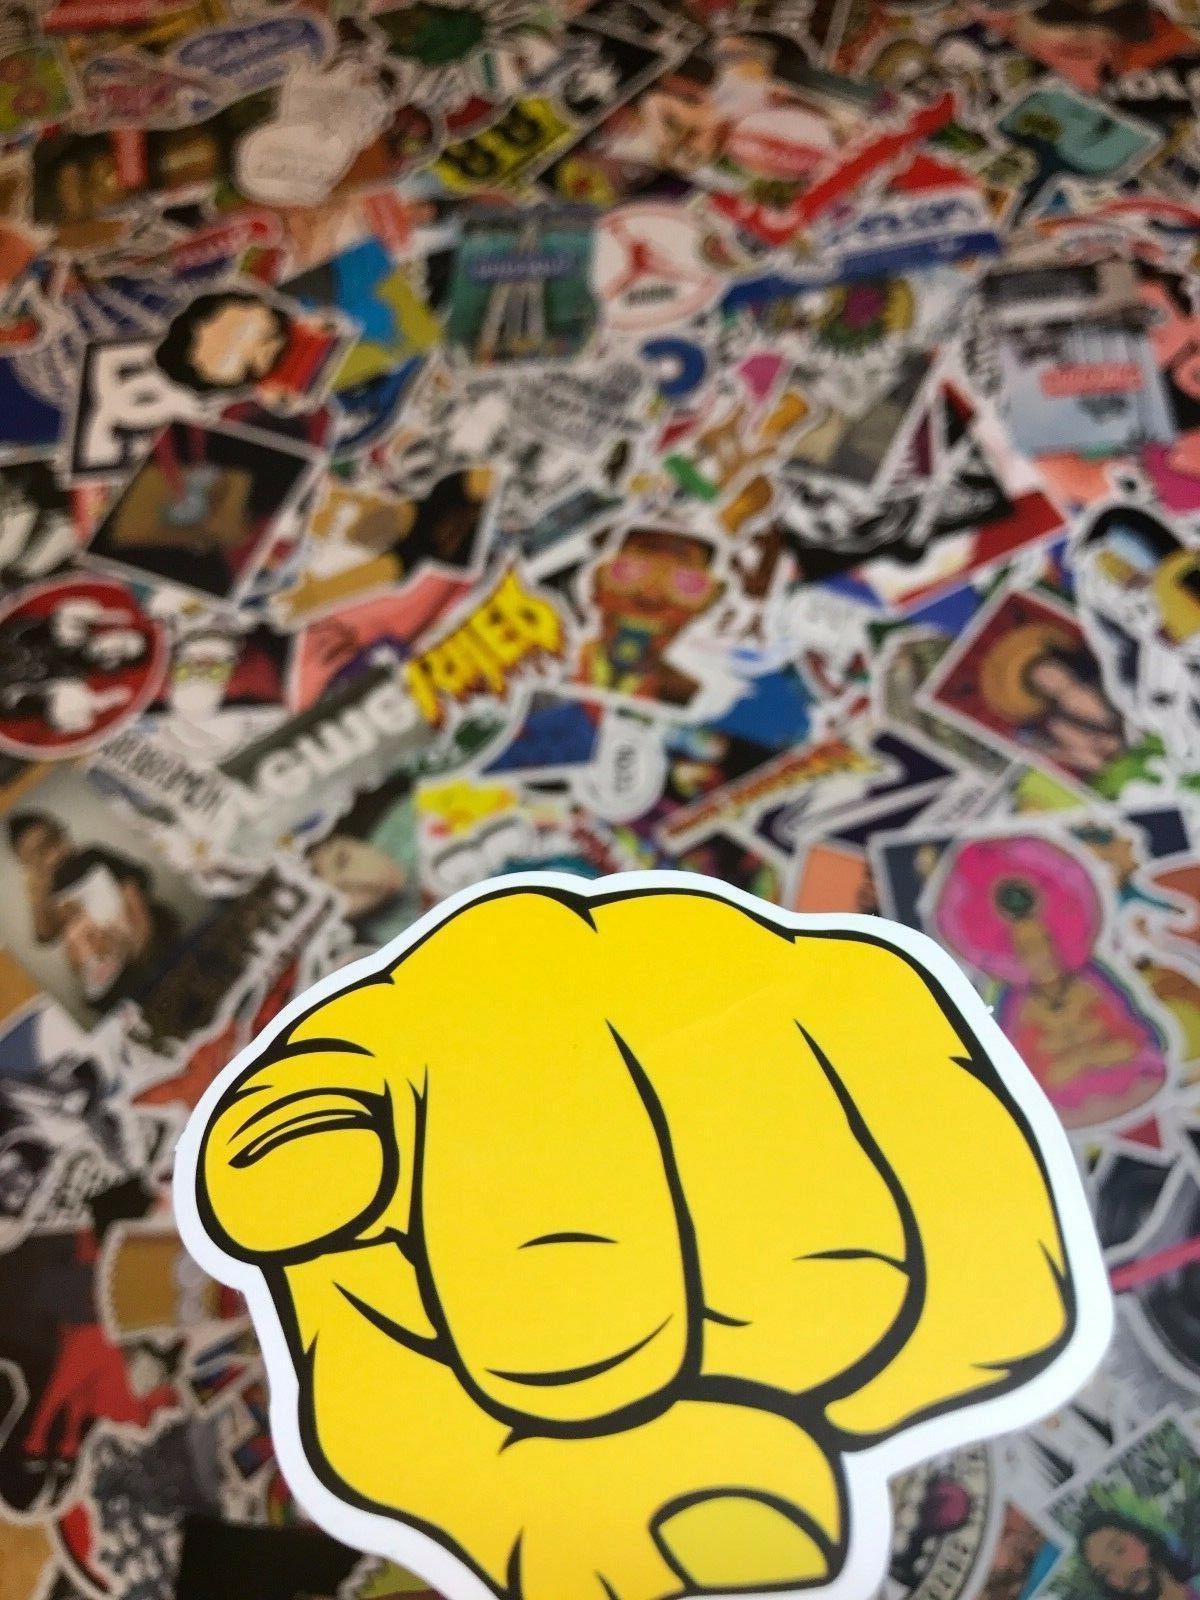 200 Skateboard Stickers Vinyl Laptop Dope Sticker lot cool